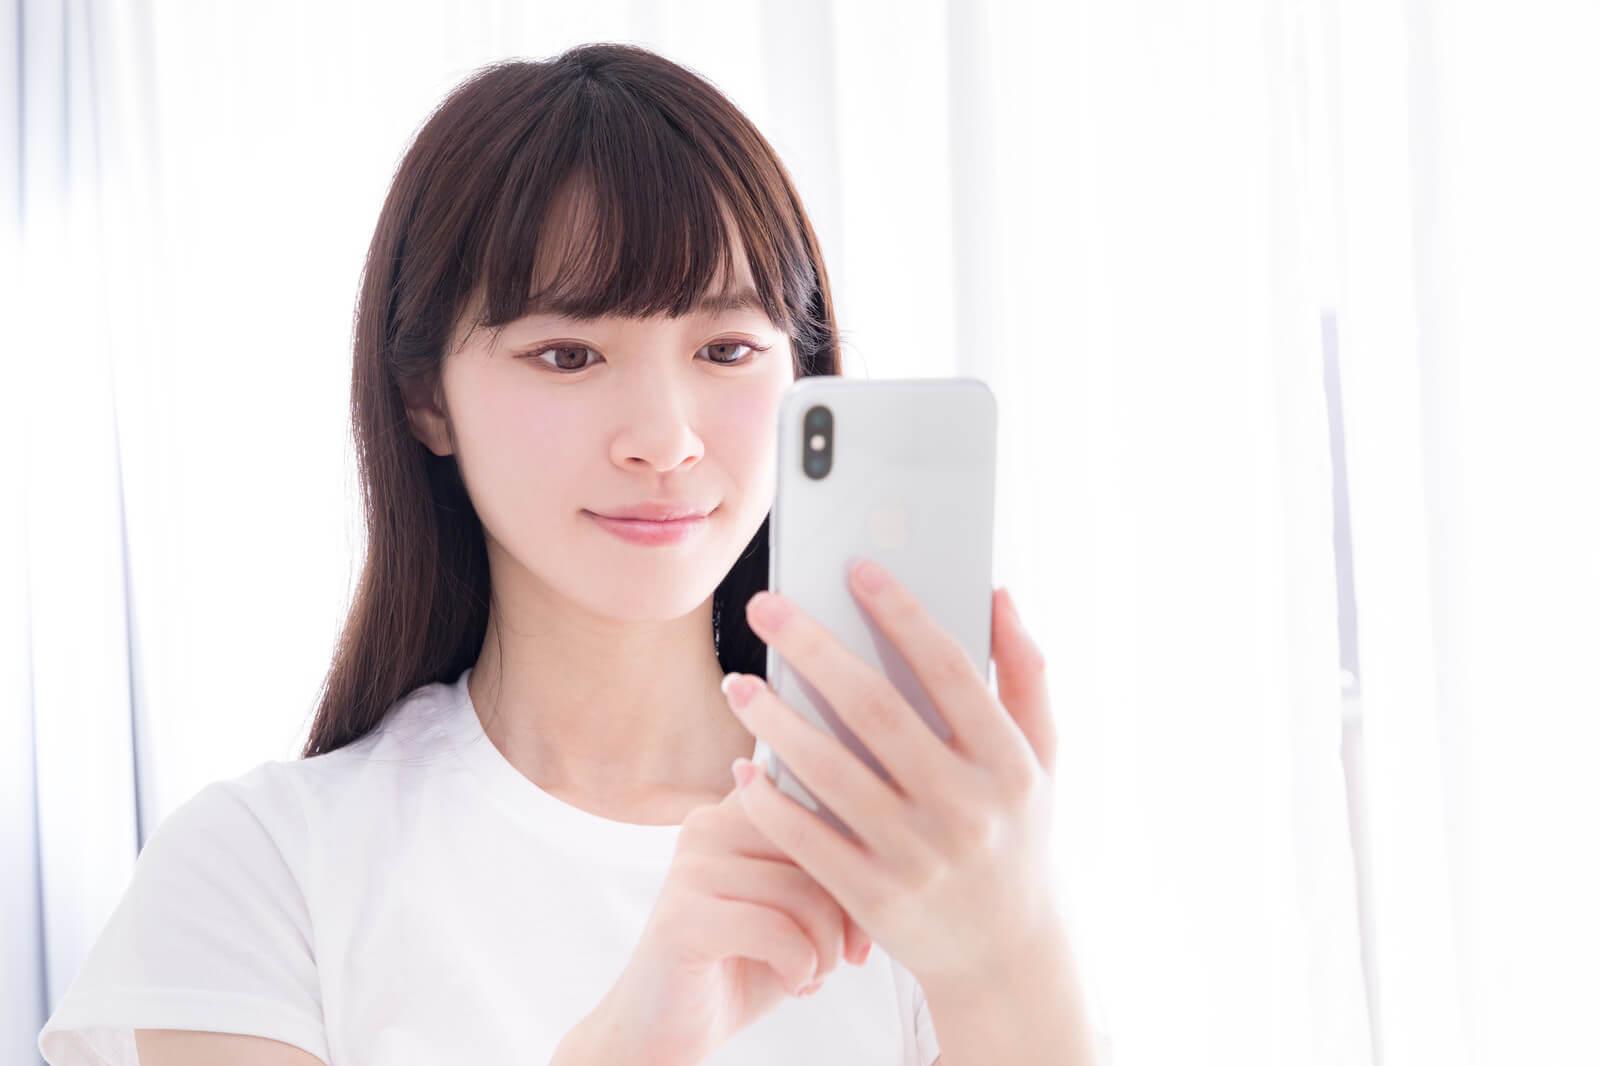 スマホで個人輸入代行サイトを閲覧する女性のイメージ画像